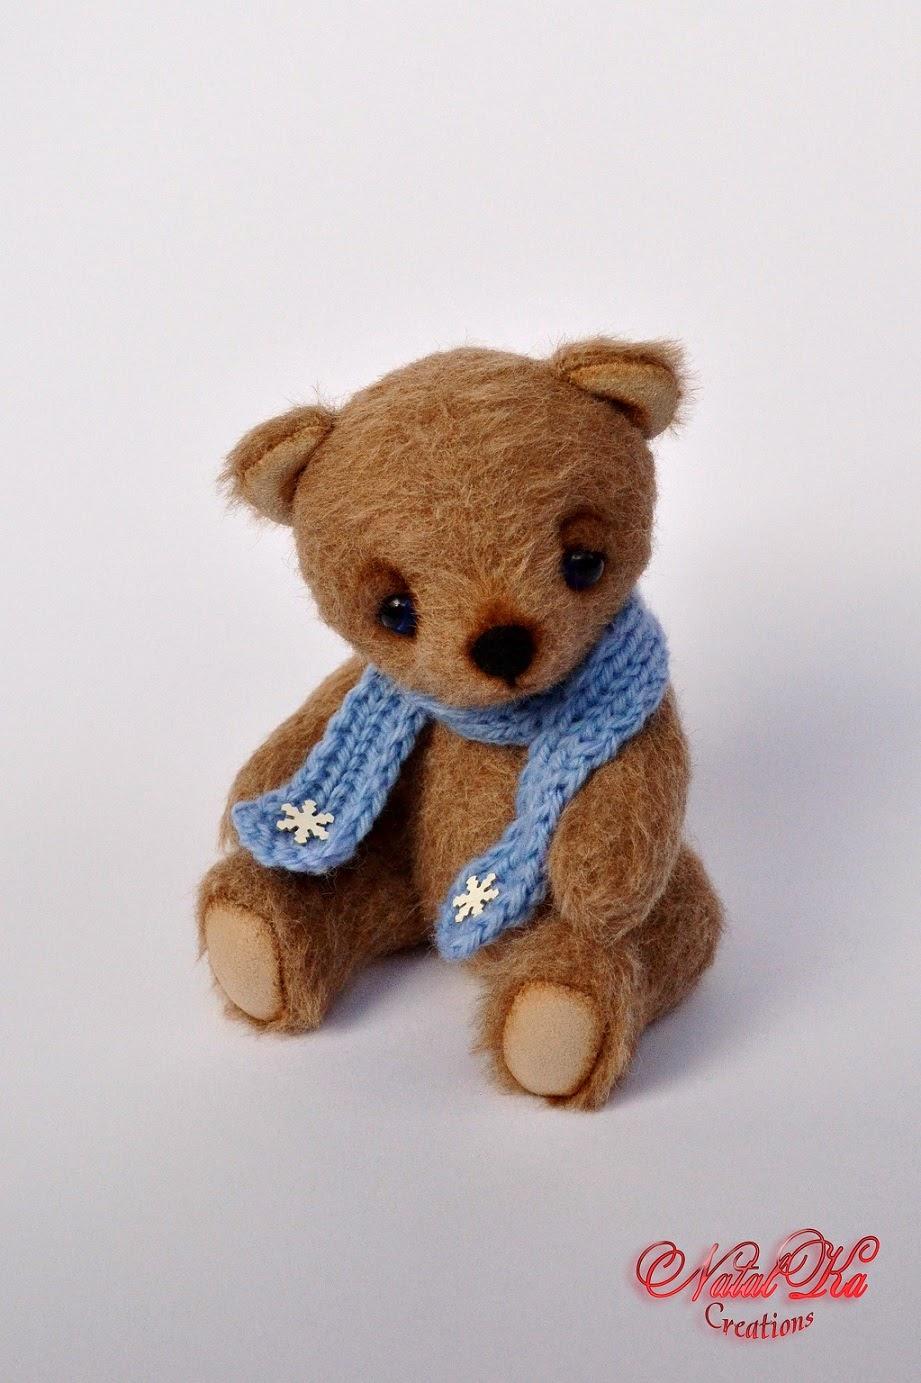 Künstler Teddybär im Winter aus Kaschmir  handgemacht von NatalKa Creations. Artist teddy bear in winter from cashmere handmade by NatalKa Creations